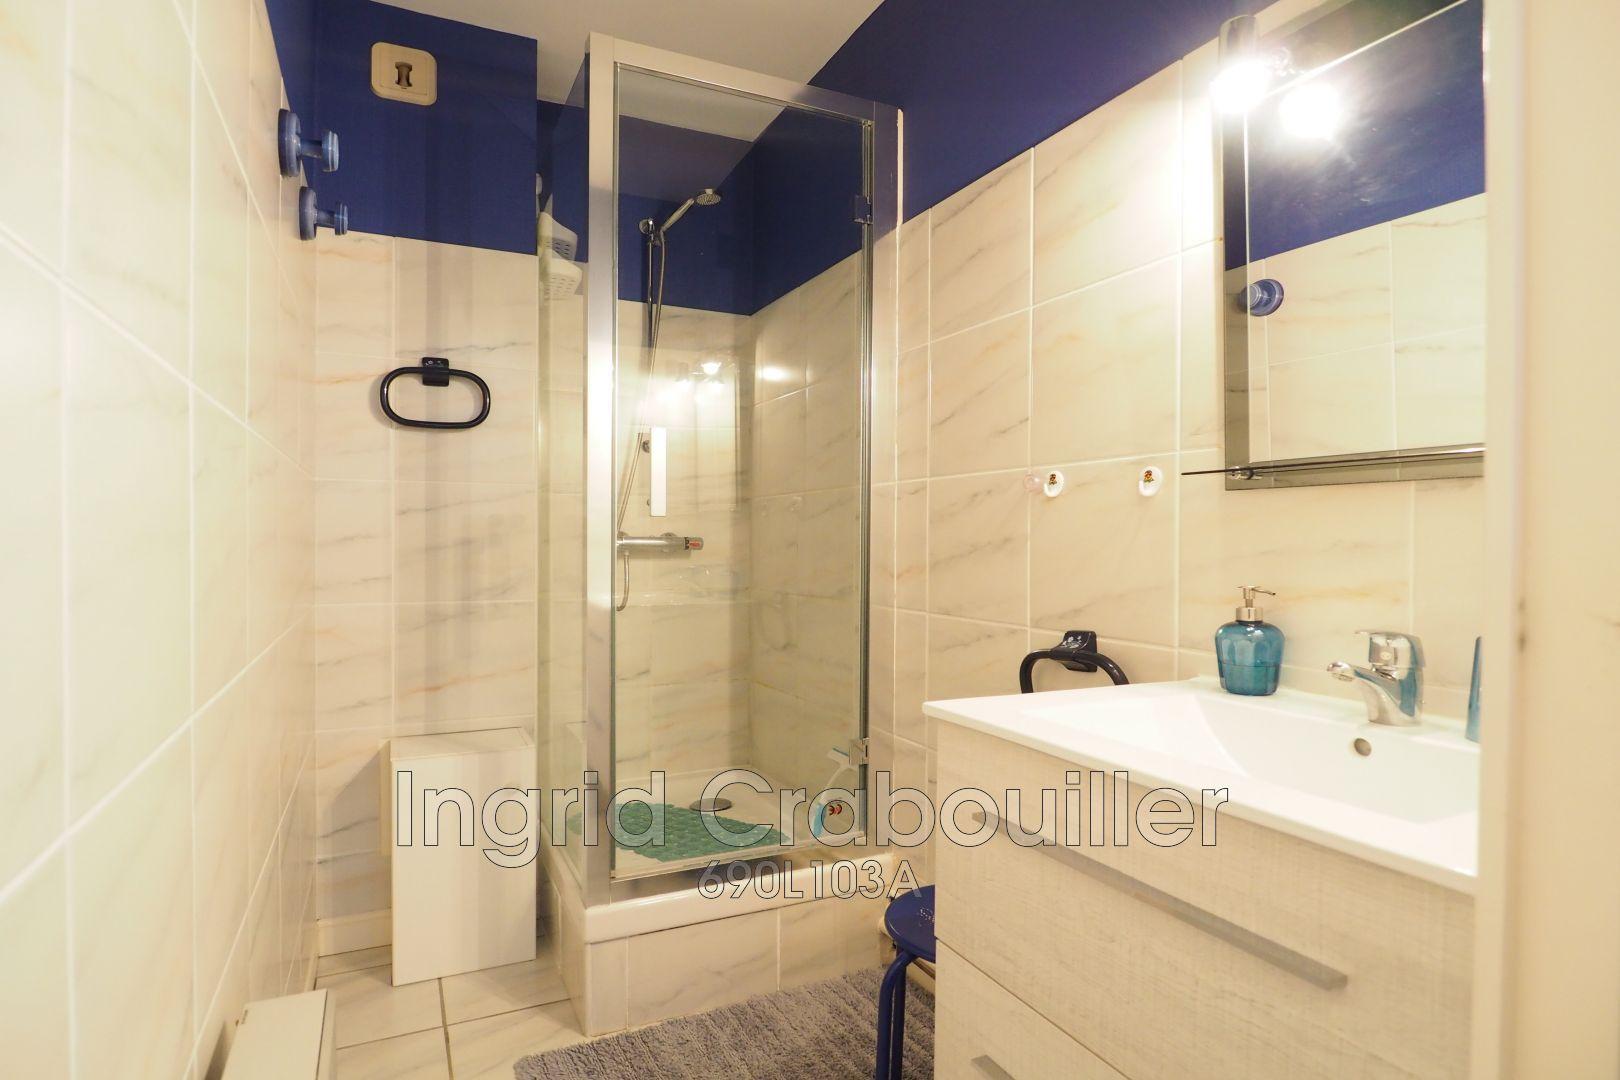 Location saisonnière appartement Royan - réf. 690L103A